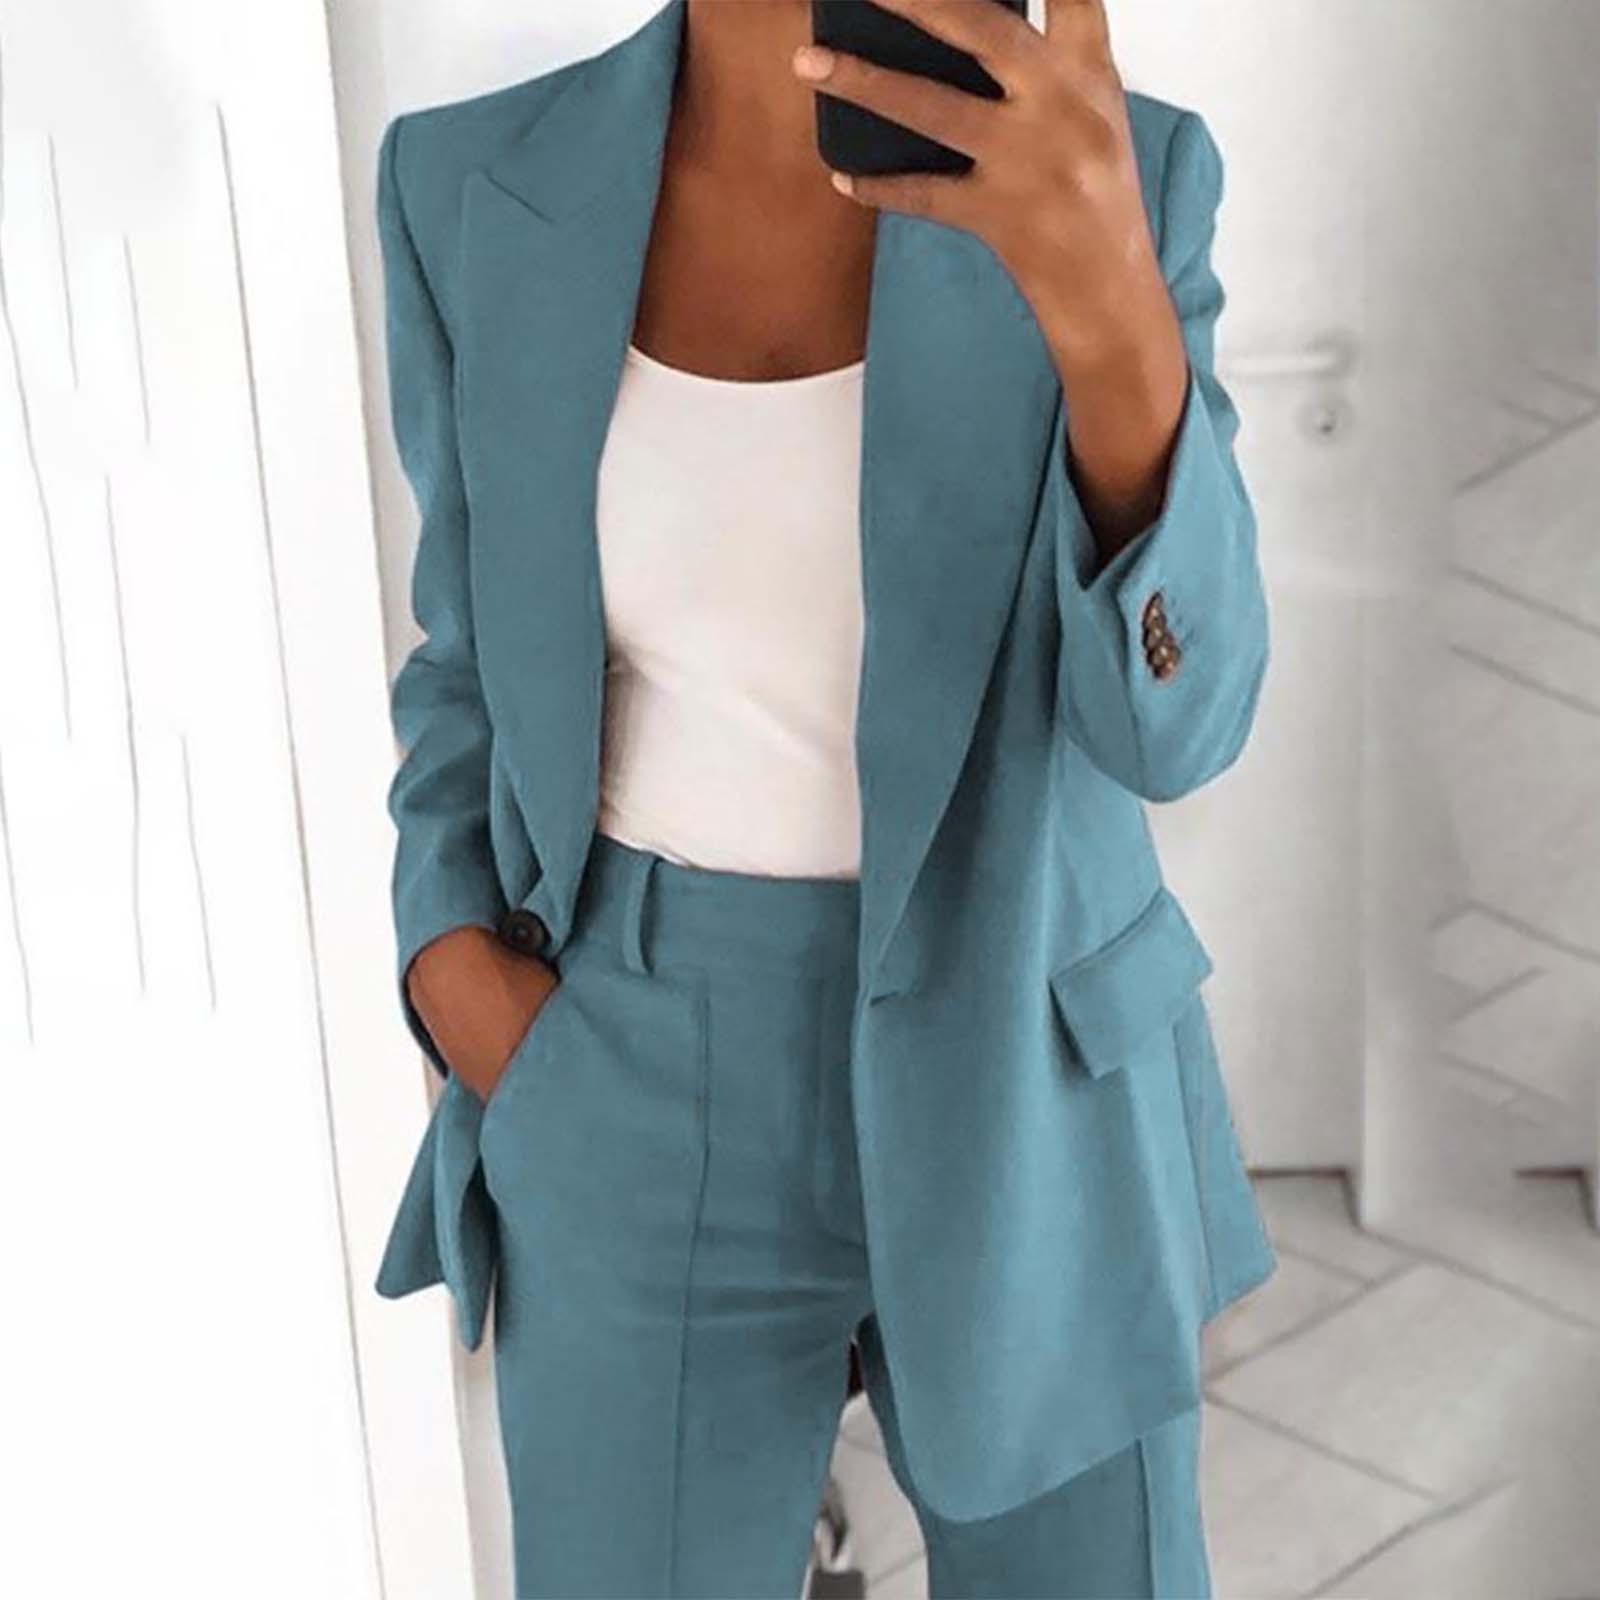 Sommer Frauen Lose Blazer Jacke Top Langarm Lässige Mode Button Solid Jacket Office Damen Elegante Blazer Anzug Mantel